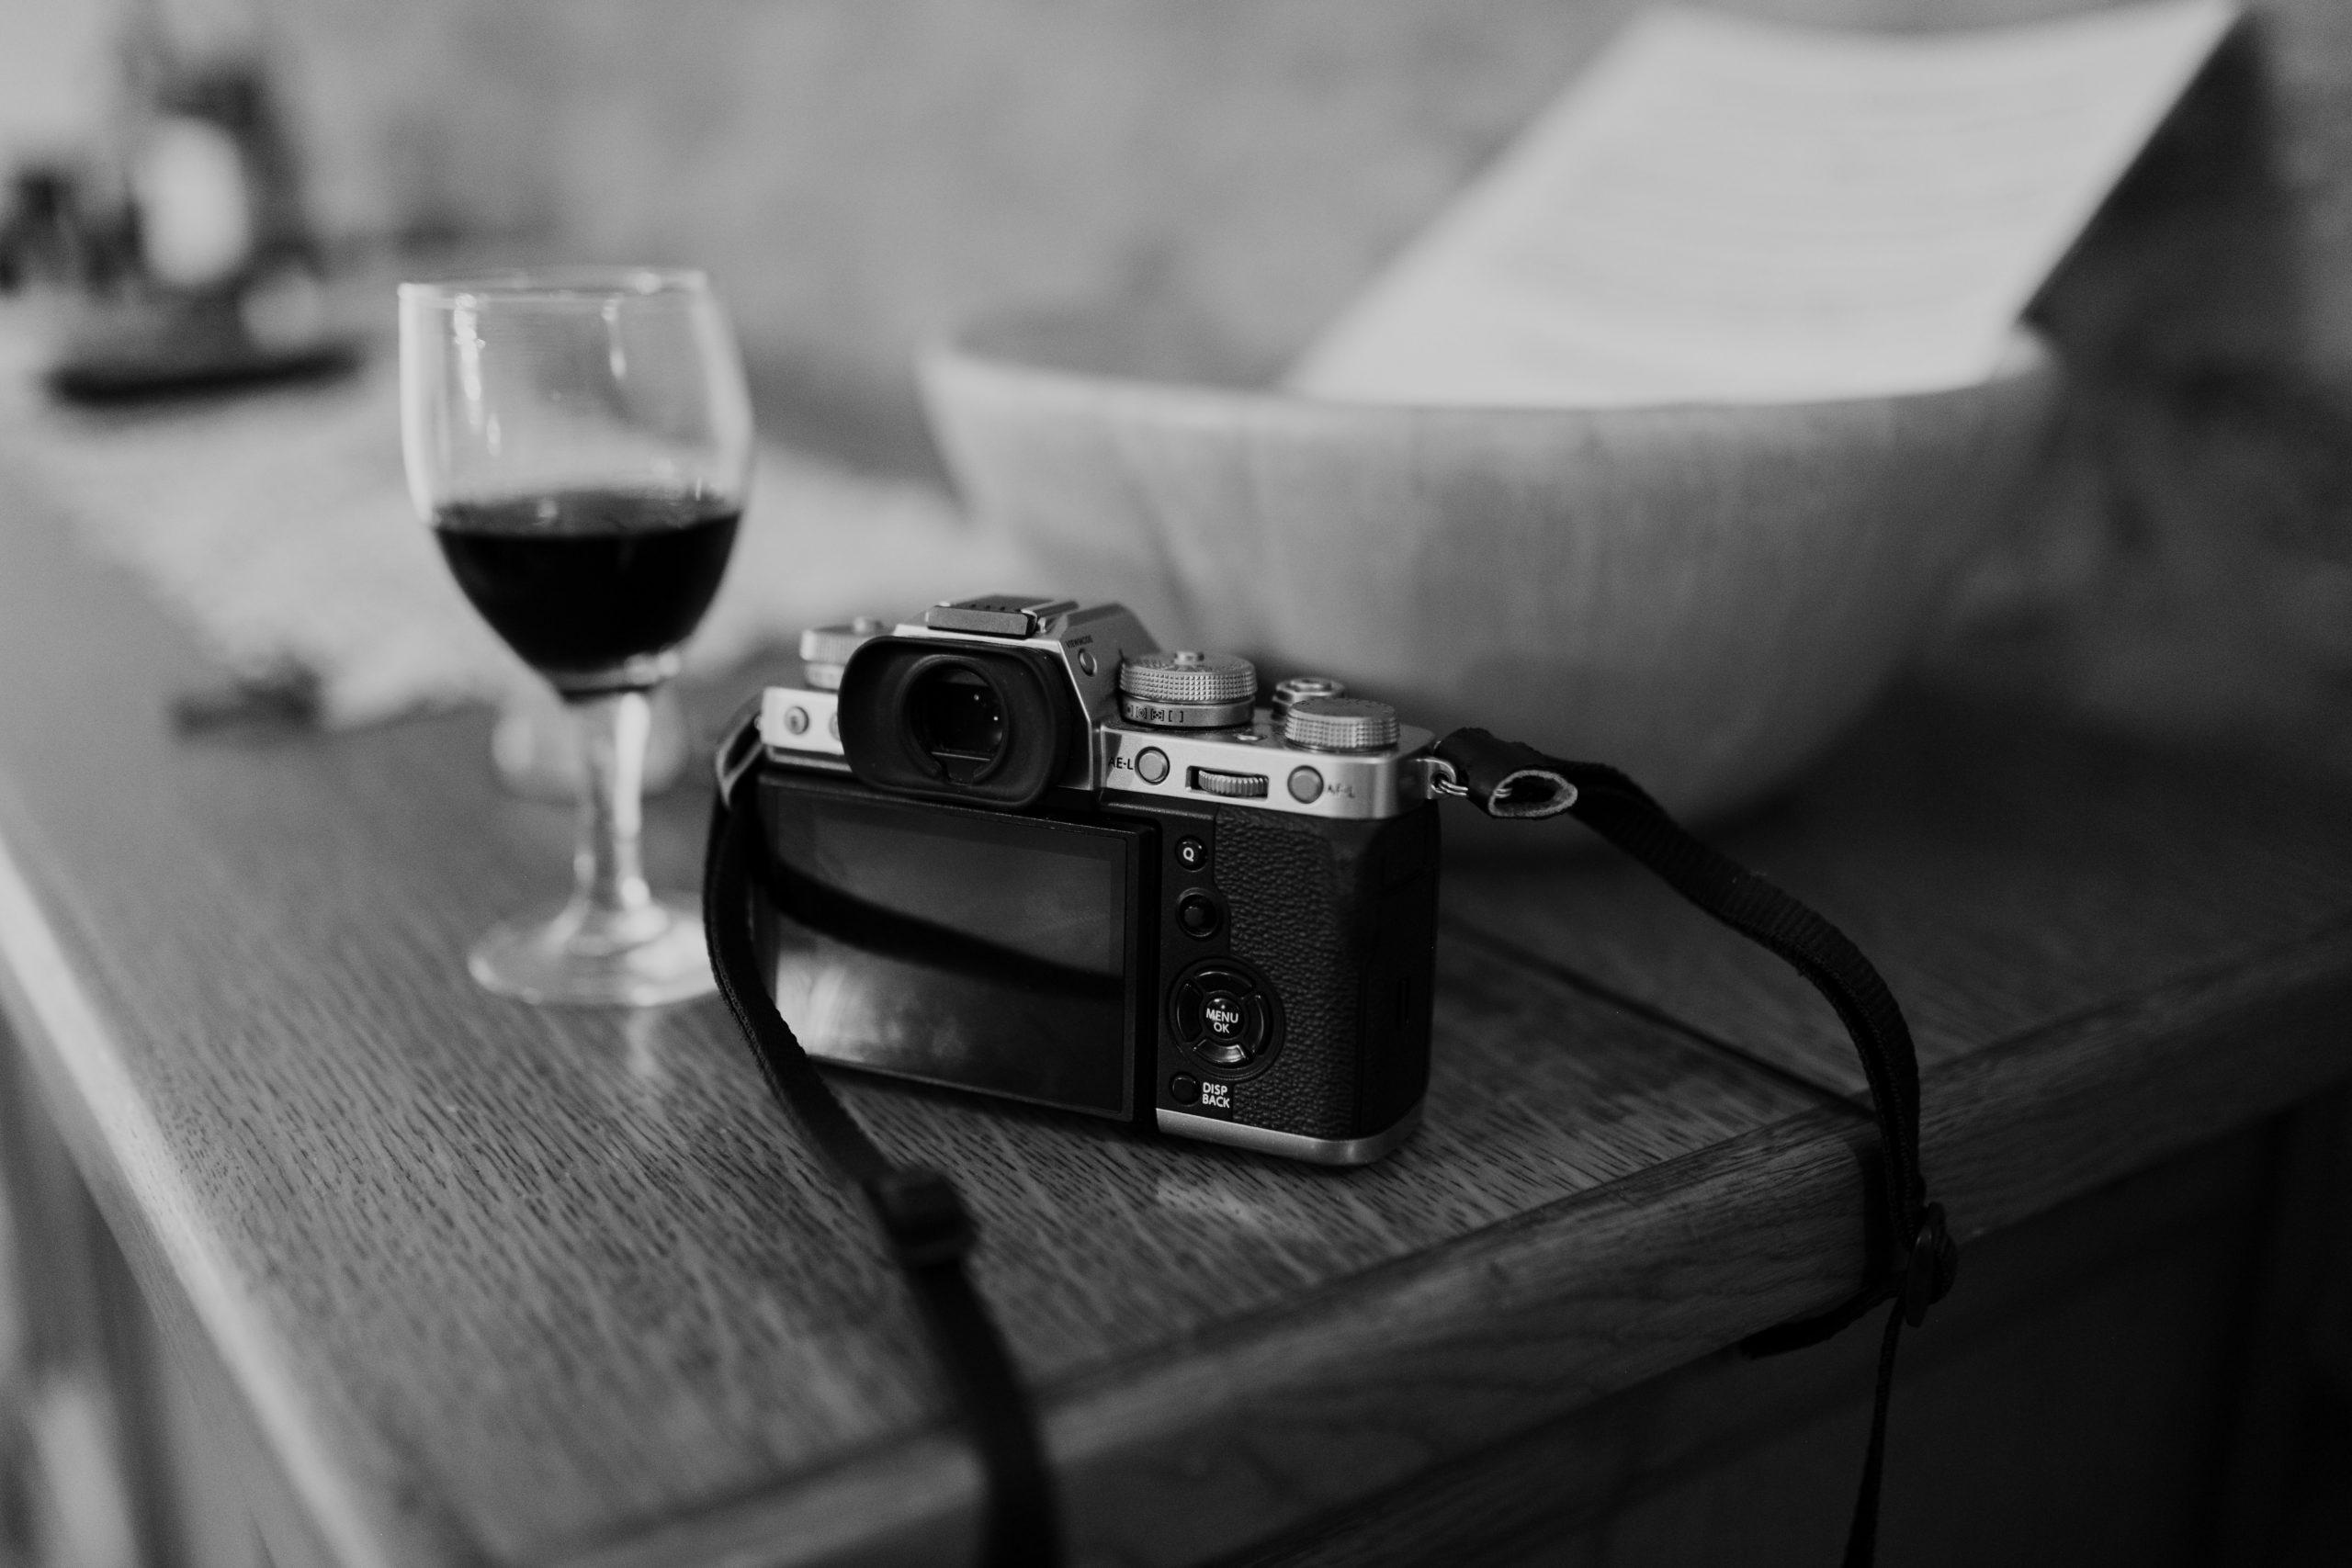 Gelijktijdig gebruik van stimulantia en alcohol: moet je stoppen met stimulantia als je gaat drinken?